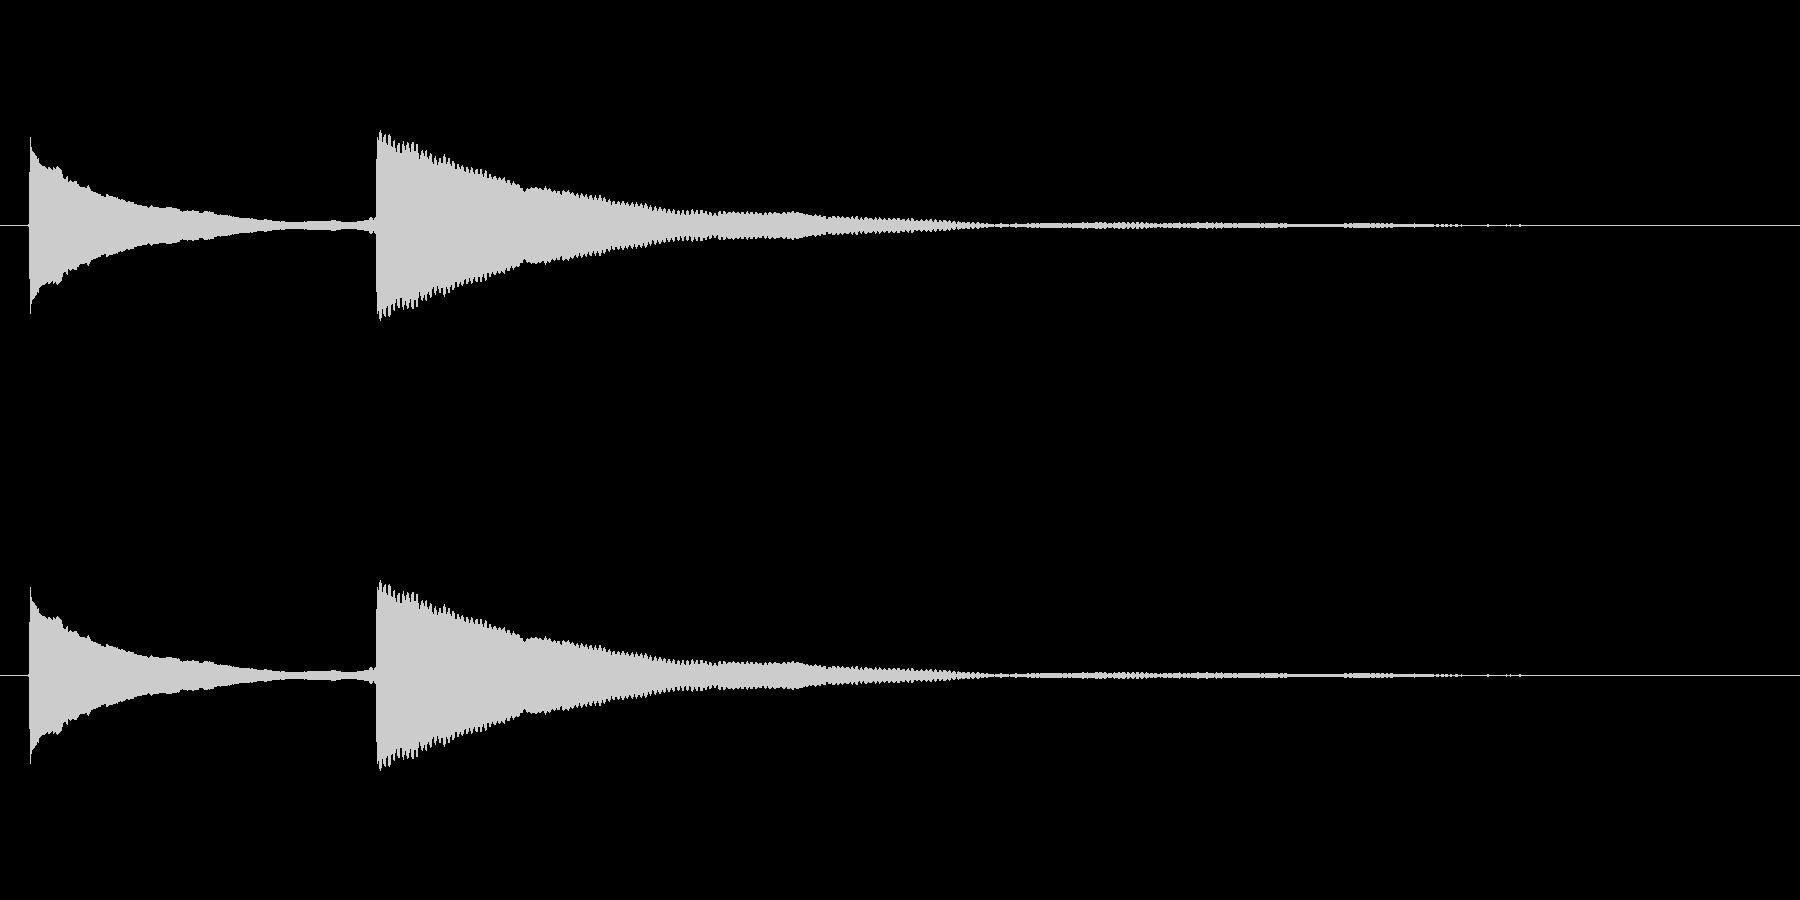 ピンポン (1)の未再生の波形